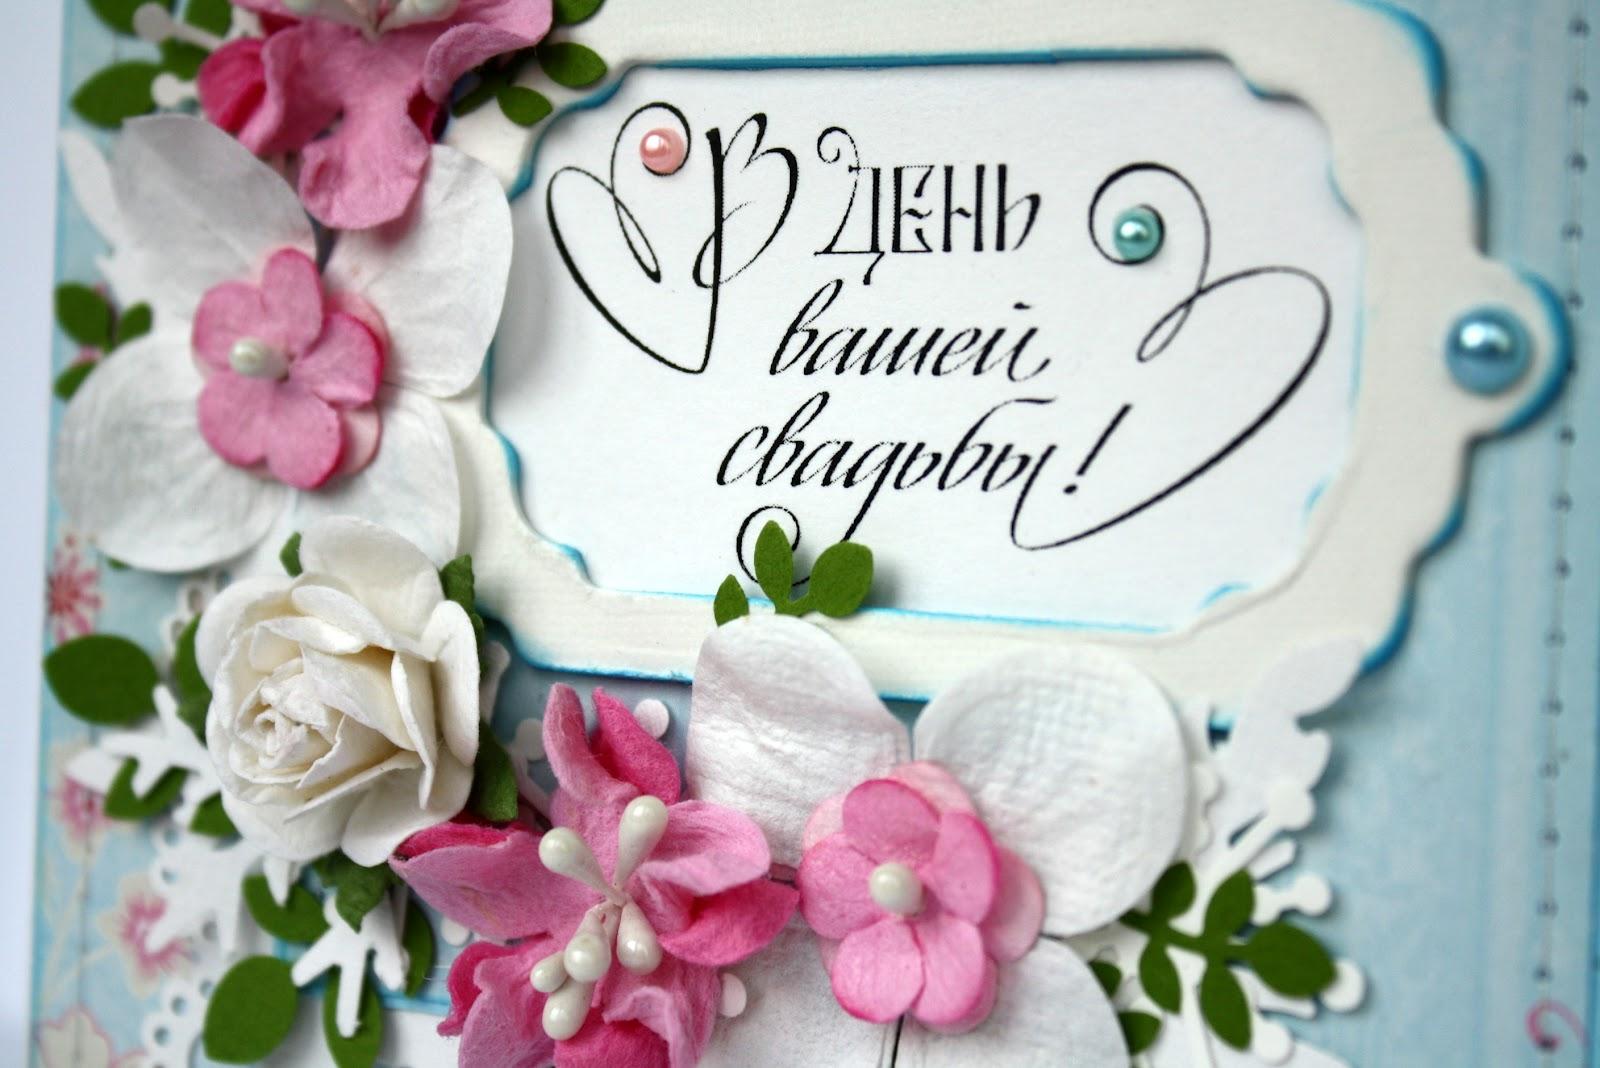 Делаем открытки с днем свадьбы своими